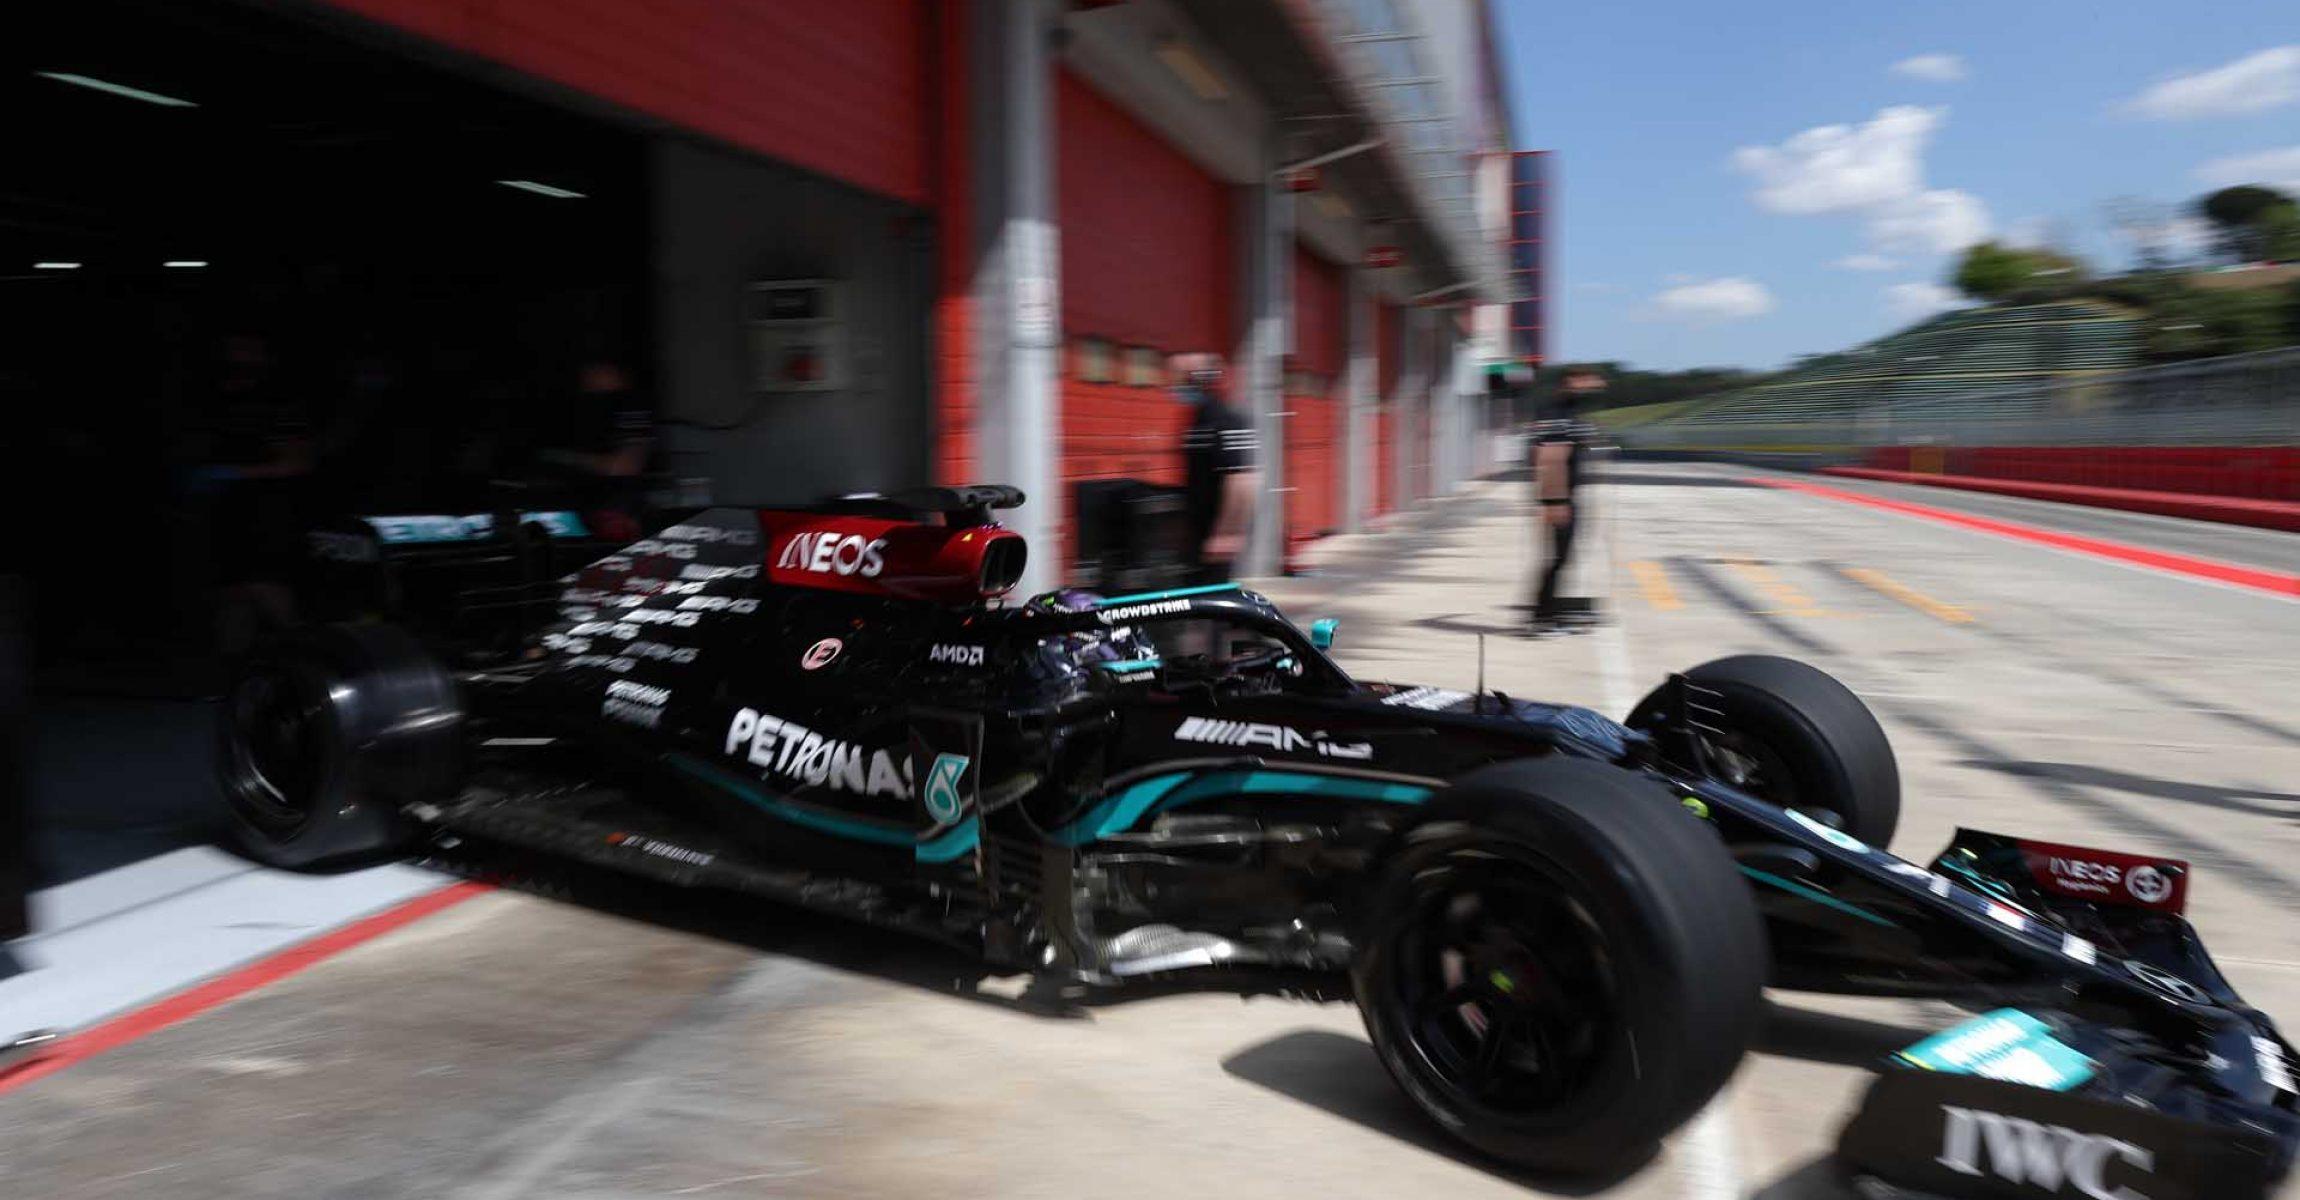 2021 Pirelli Tyre Test - Imola, Lewis Hamilton, Mercedes, 18 inch tyre